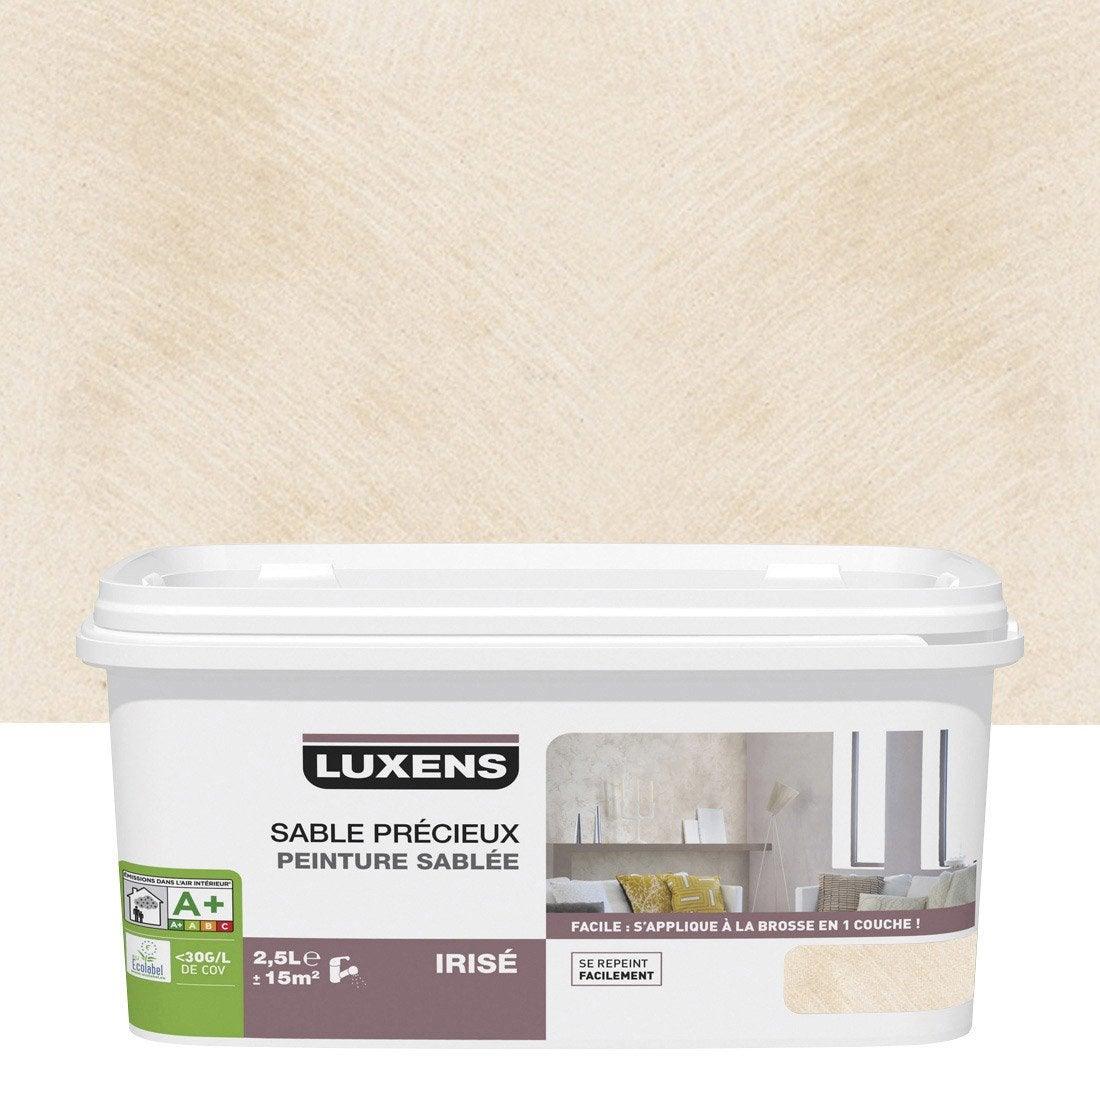 Peinture effet sable pr cieux luxens blanc lin 6 2 5 - Peinture lambris leroy merlin ...